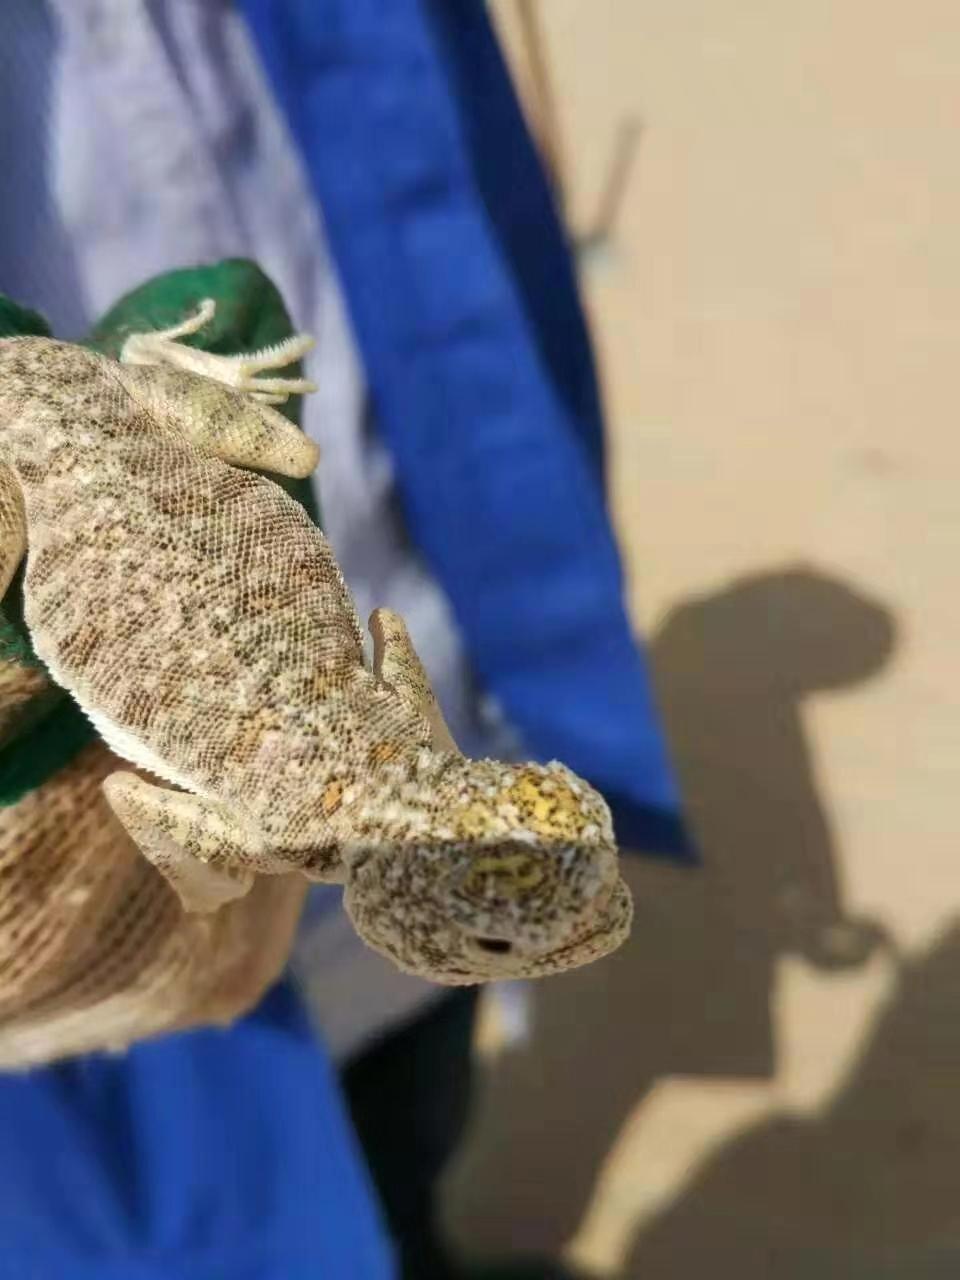 """刺尾飞蜥,被沙特当地人叫作""""沙漠之鱼""""弯毅 图"""